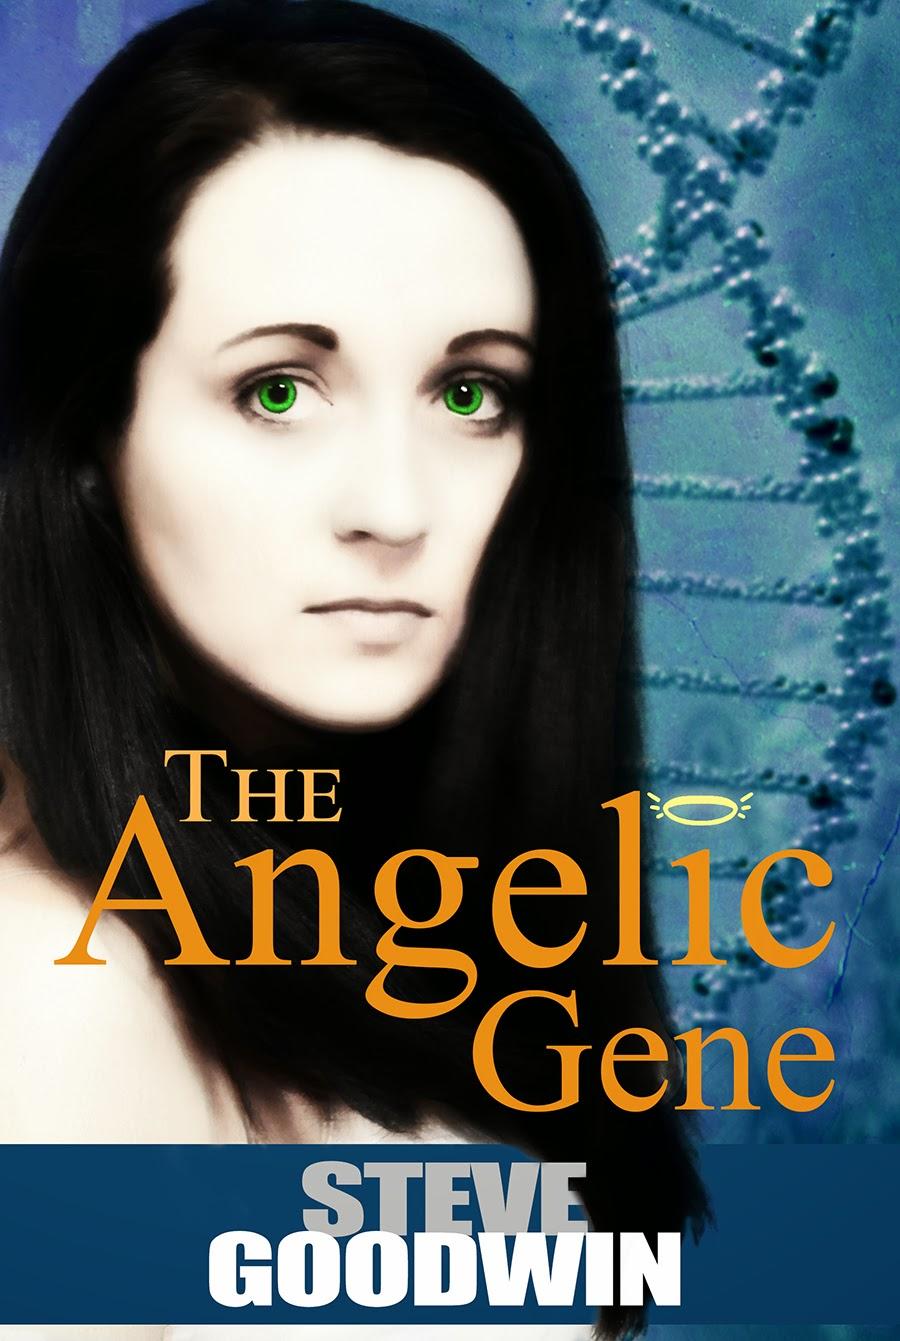 The Angelic Gene  On Kindle